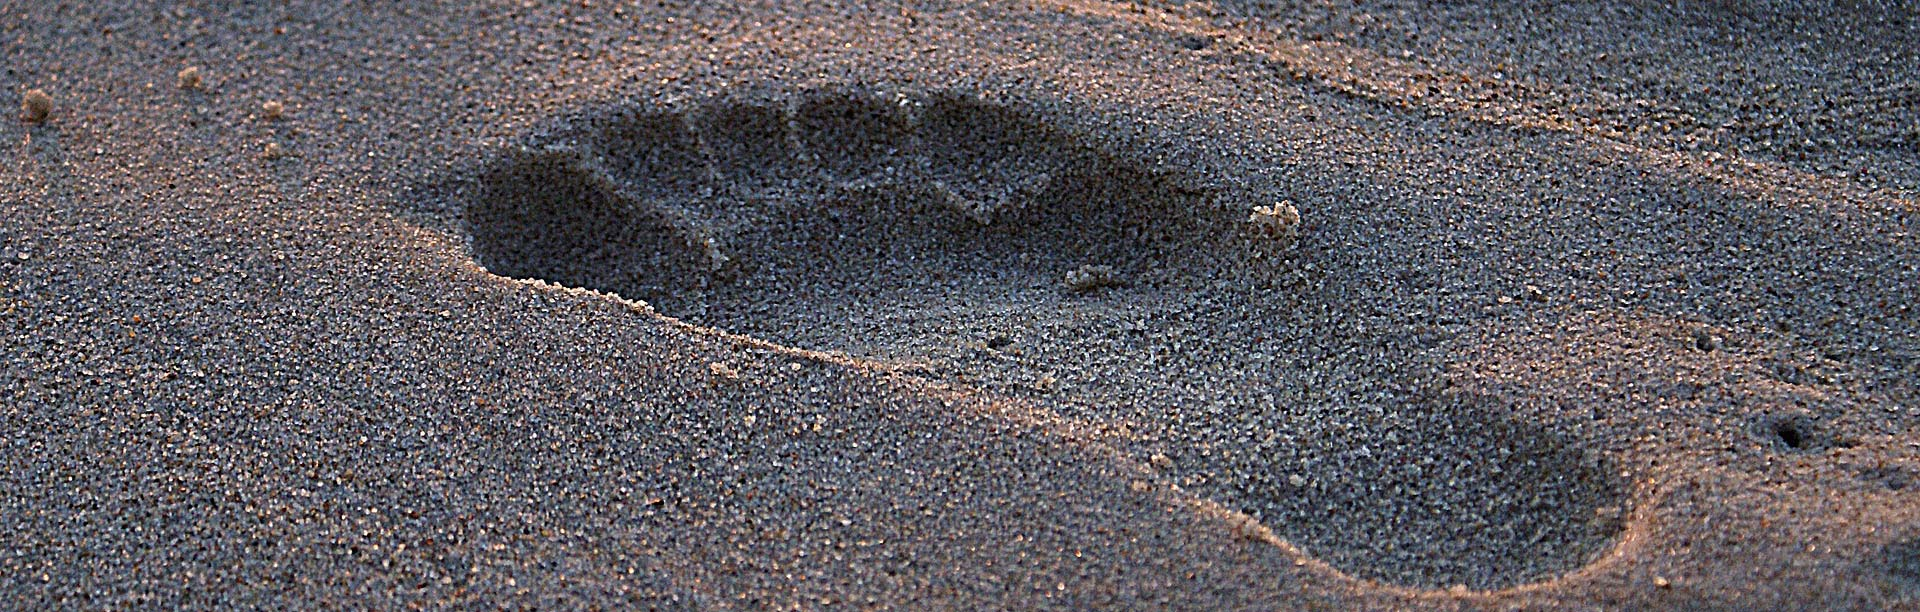 banner fussabdruck sand